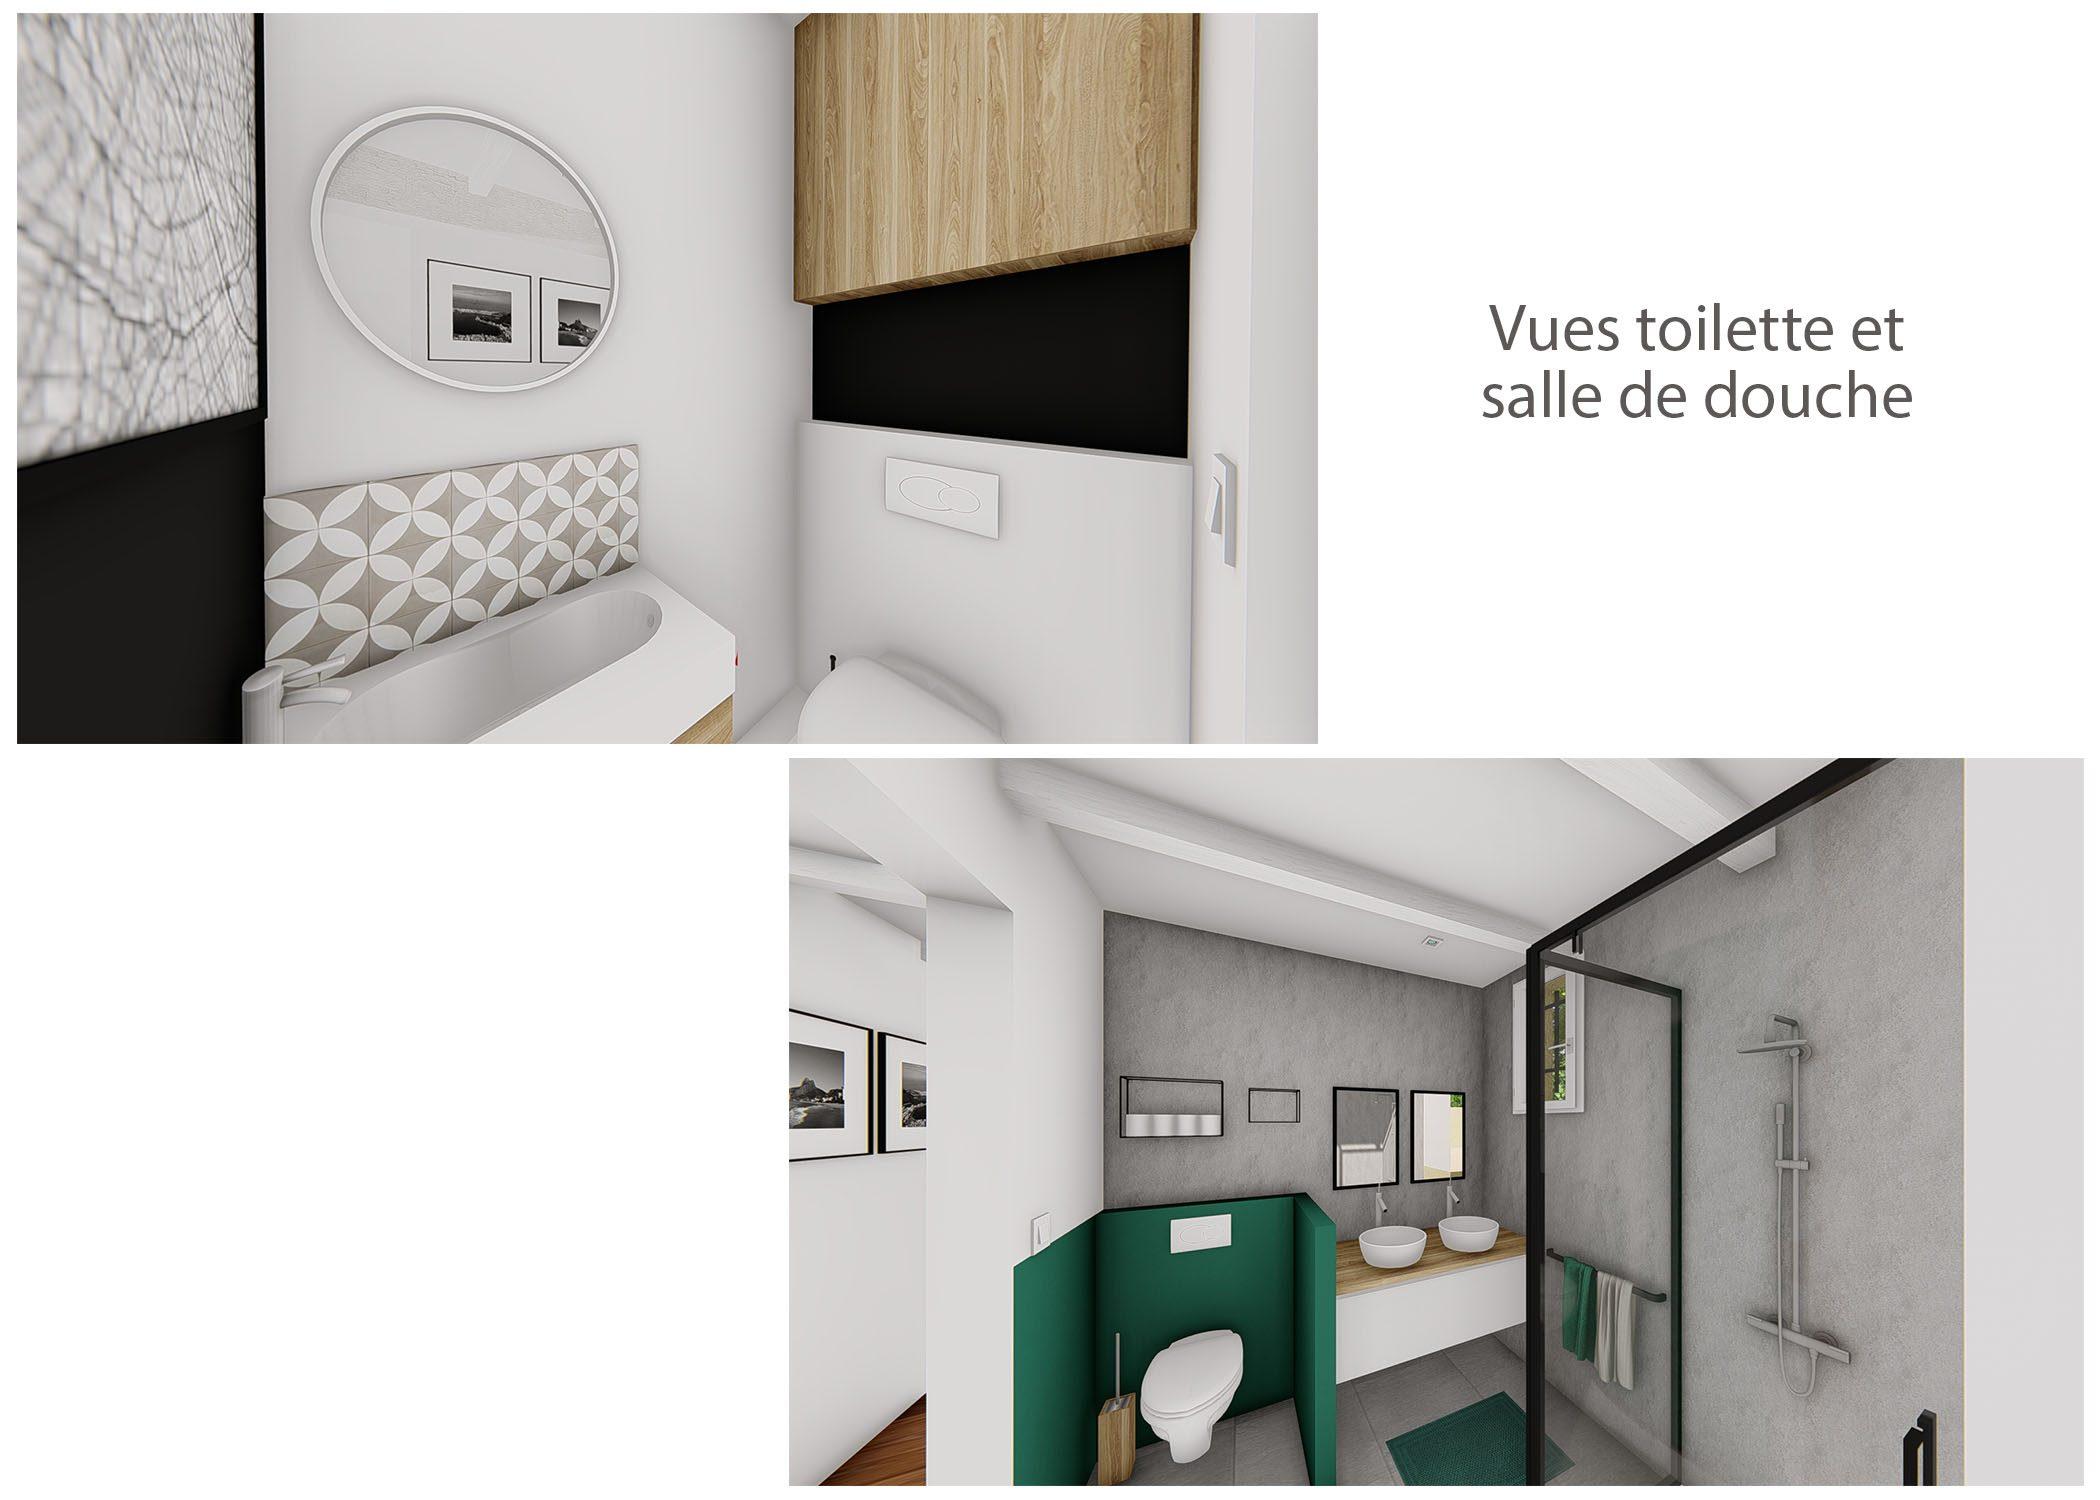 renovation-amenagement-decoration-maison de famille-fuveau-rendus WC et salle de douche-dekho design